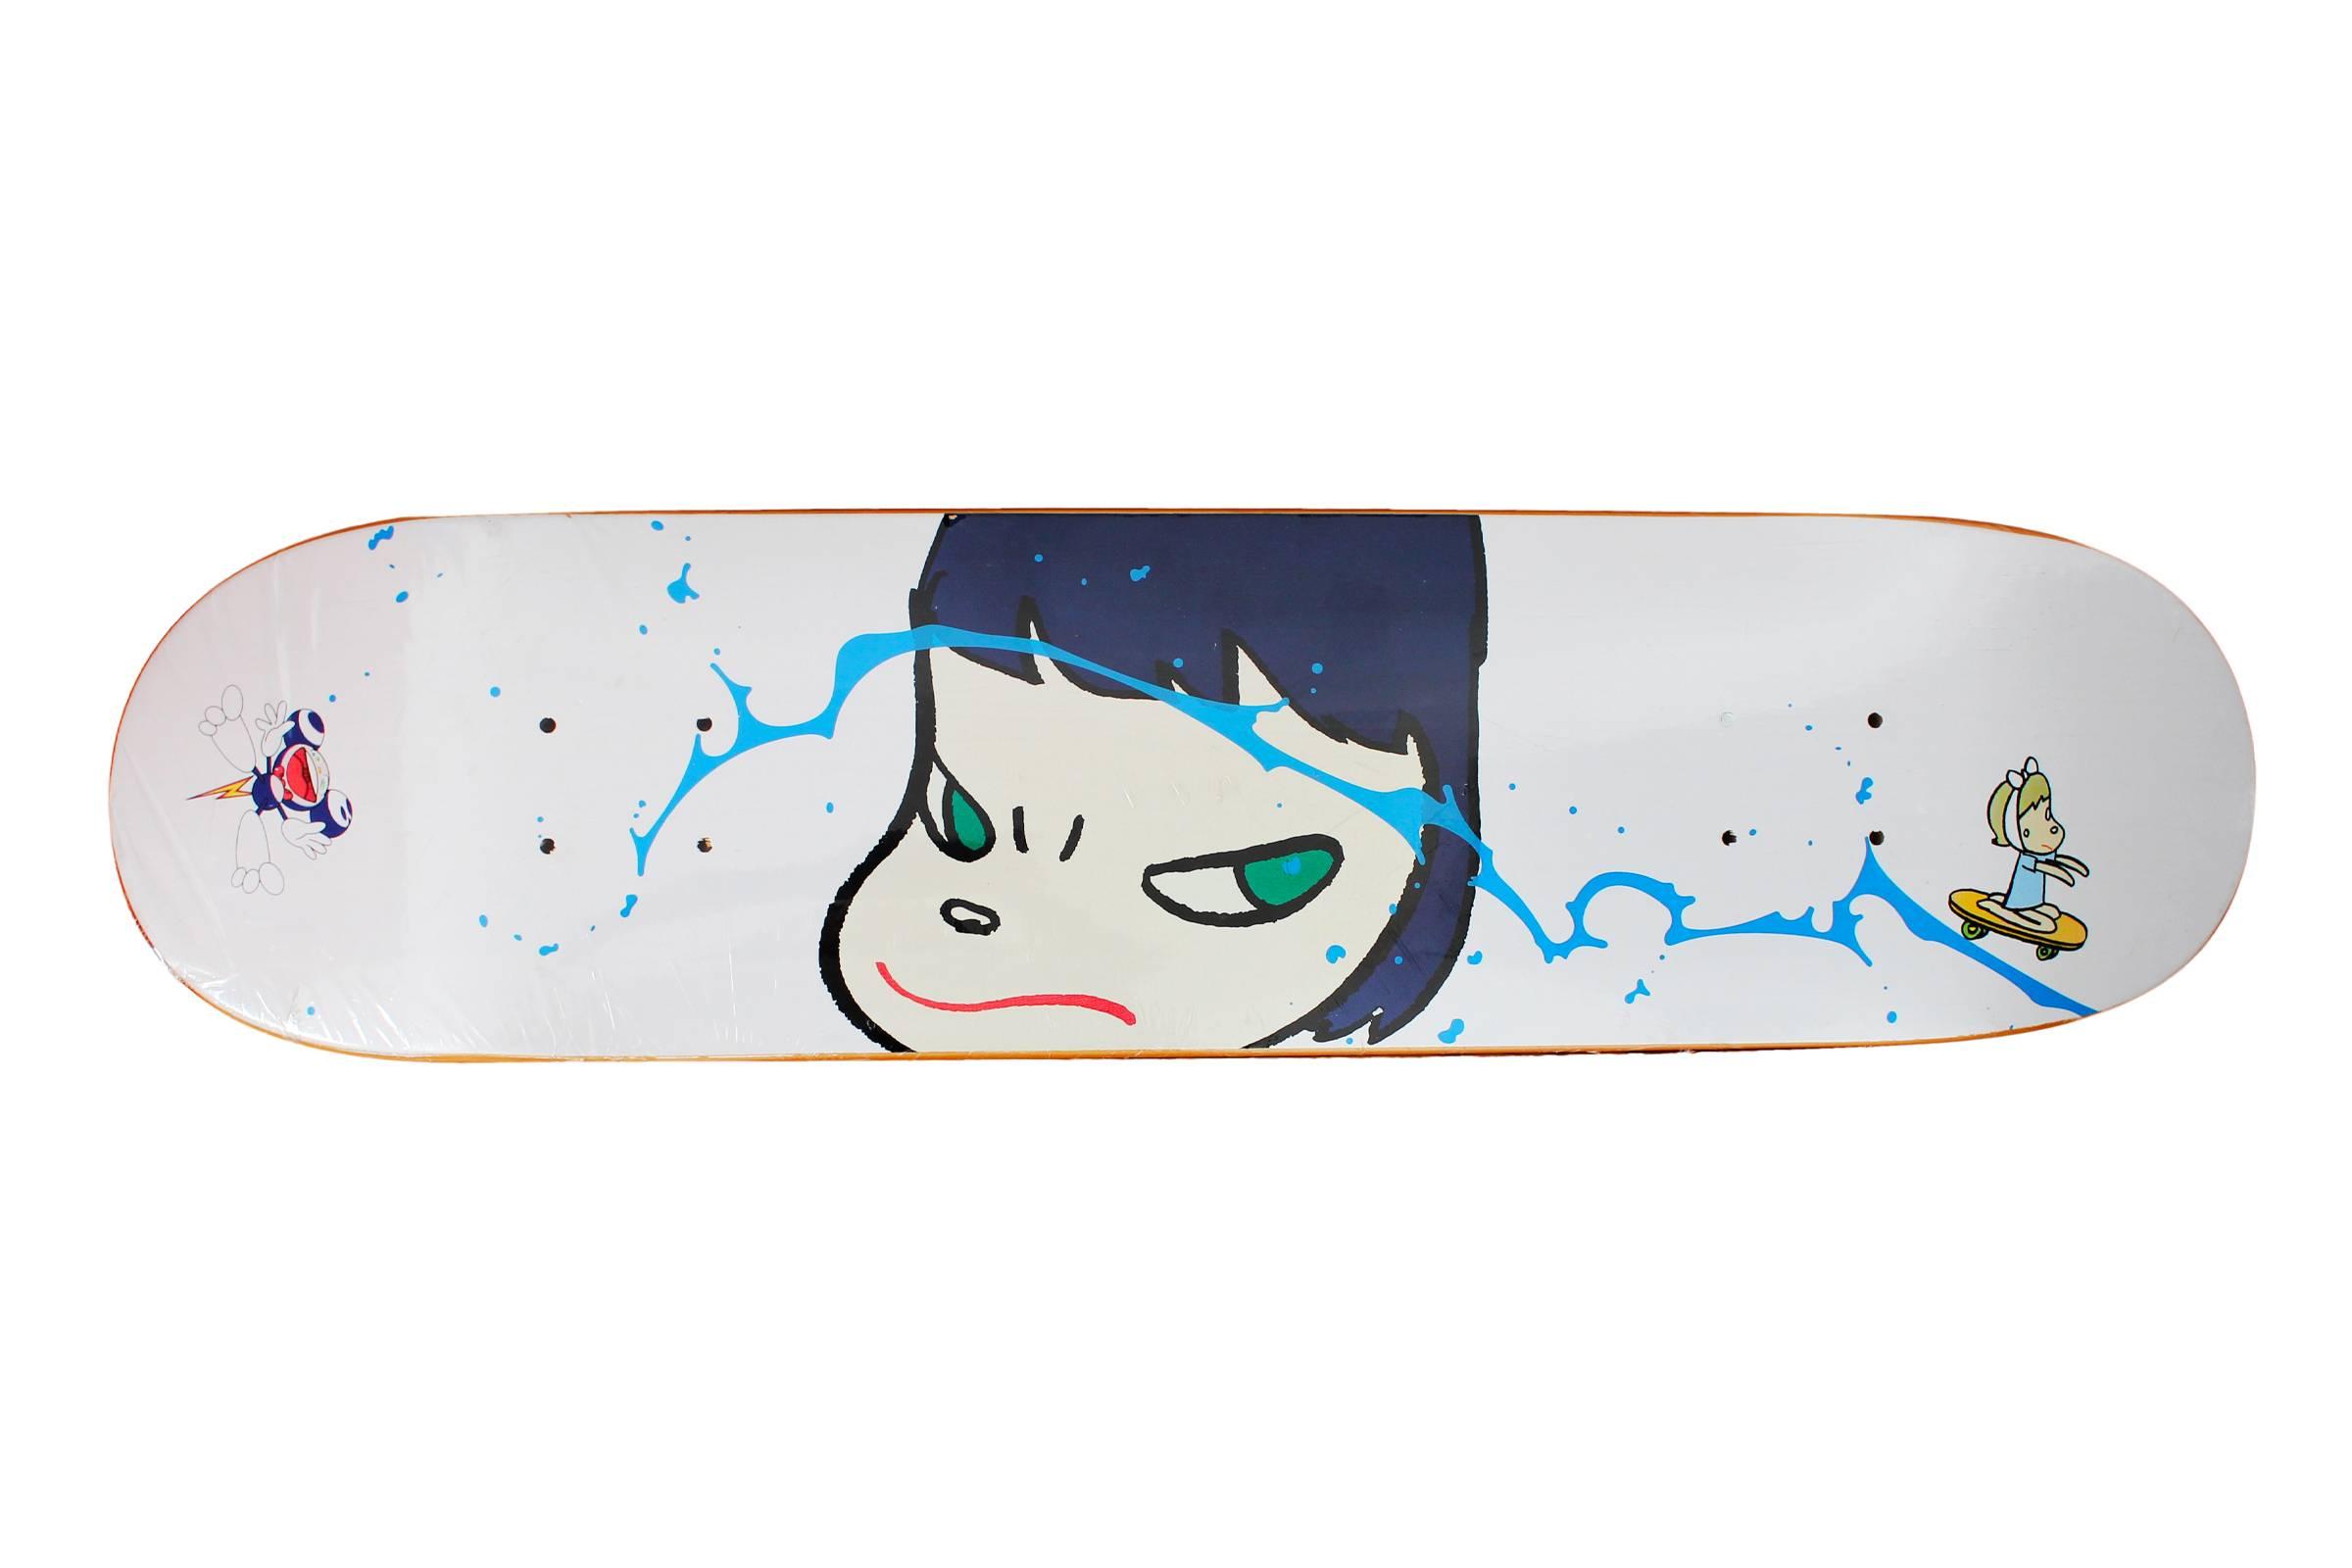 Nara x Takashi Murakami Skateboard